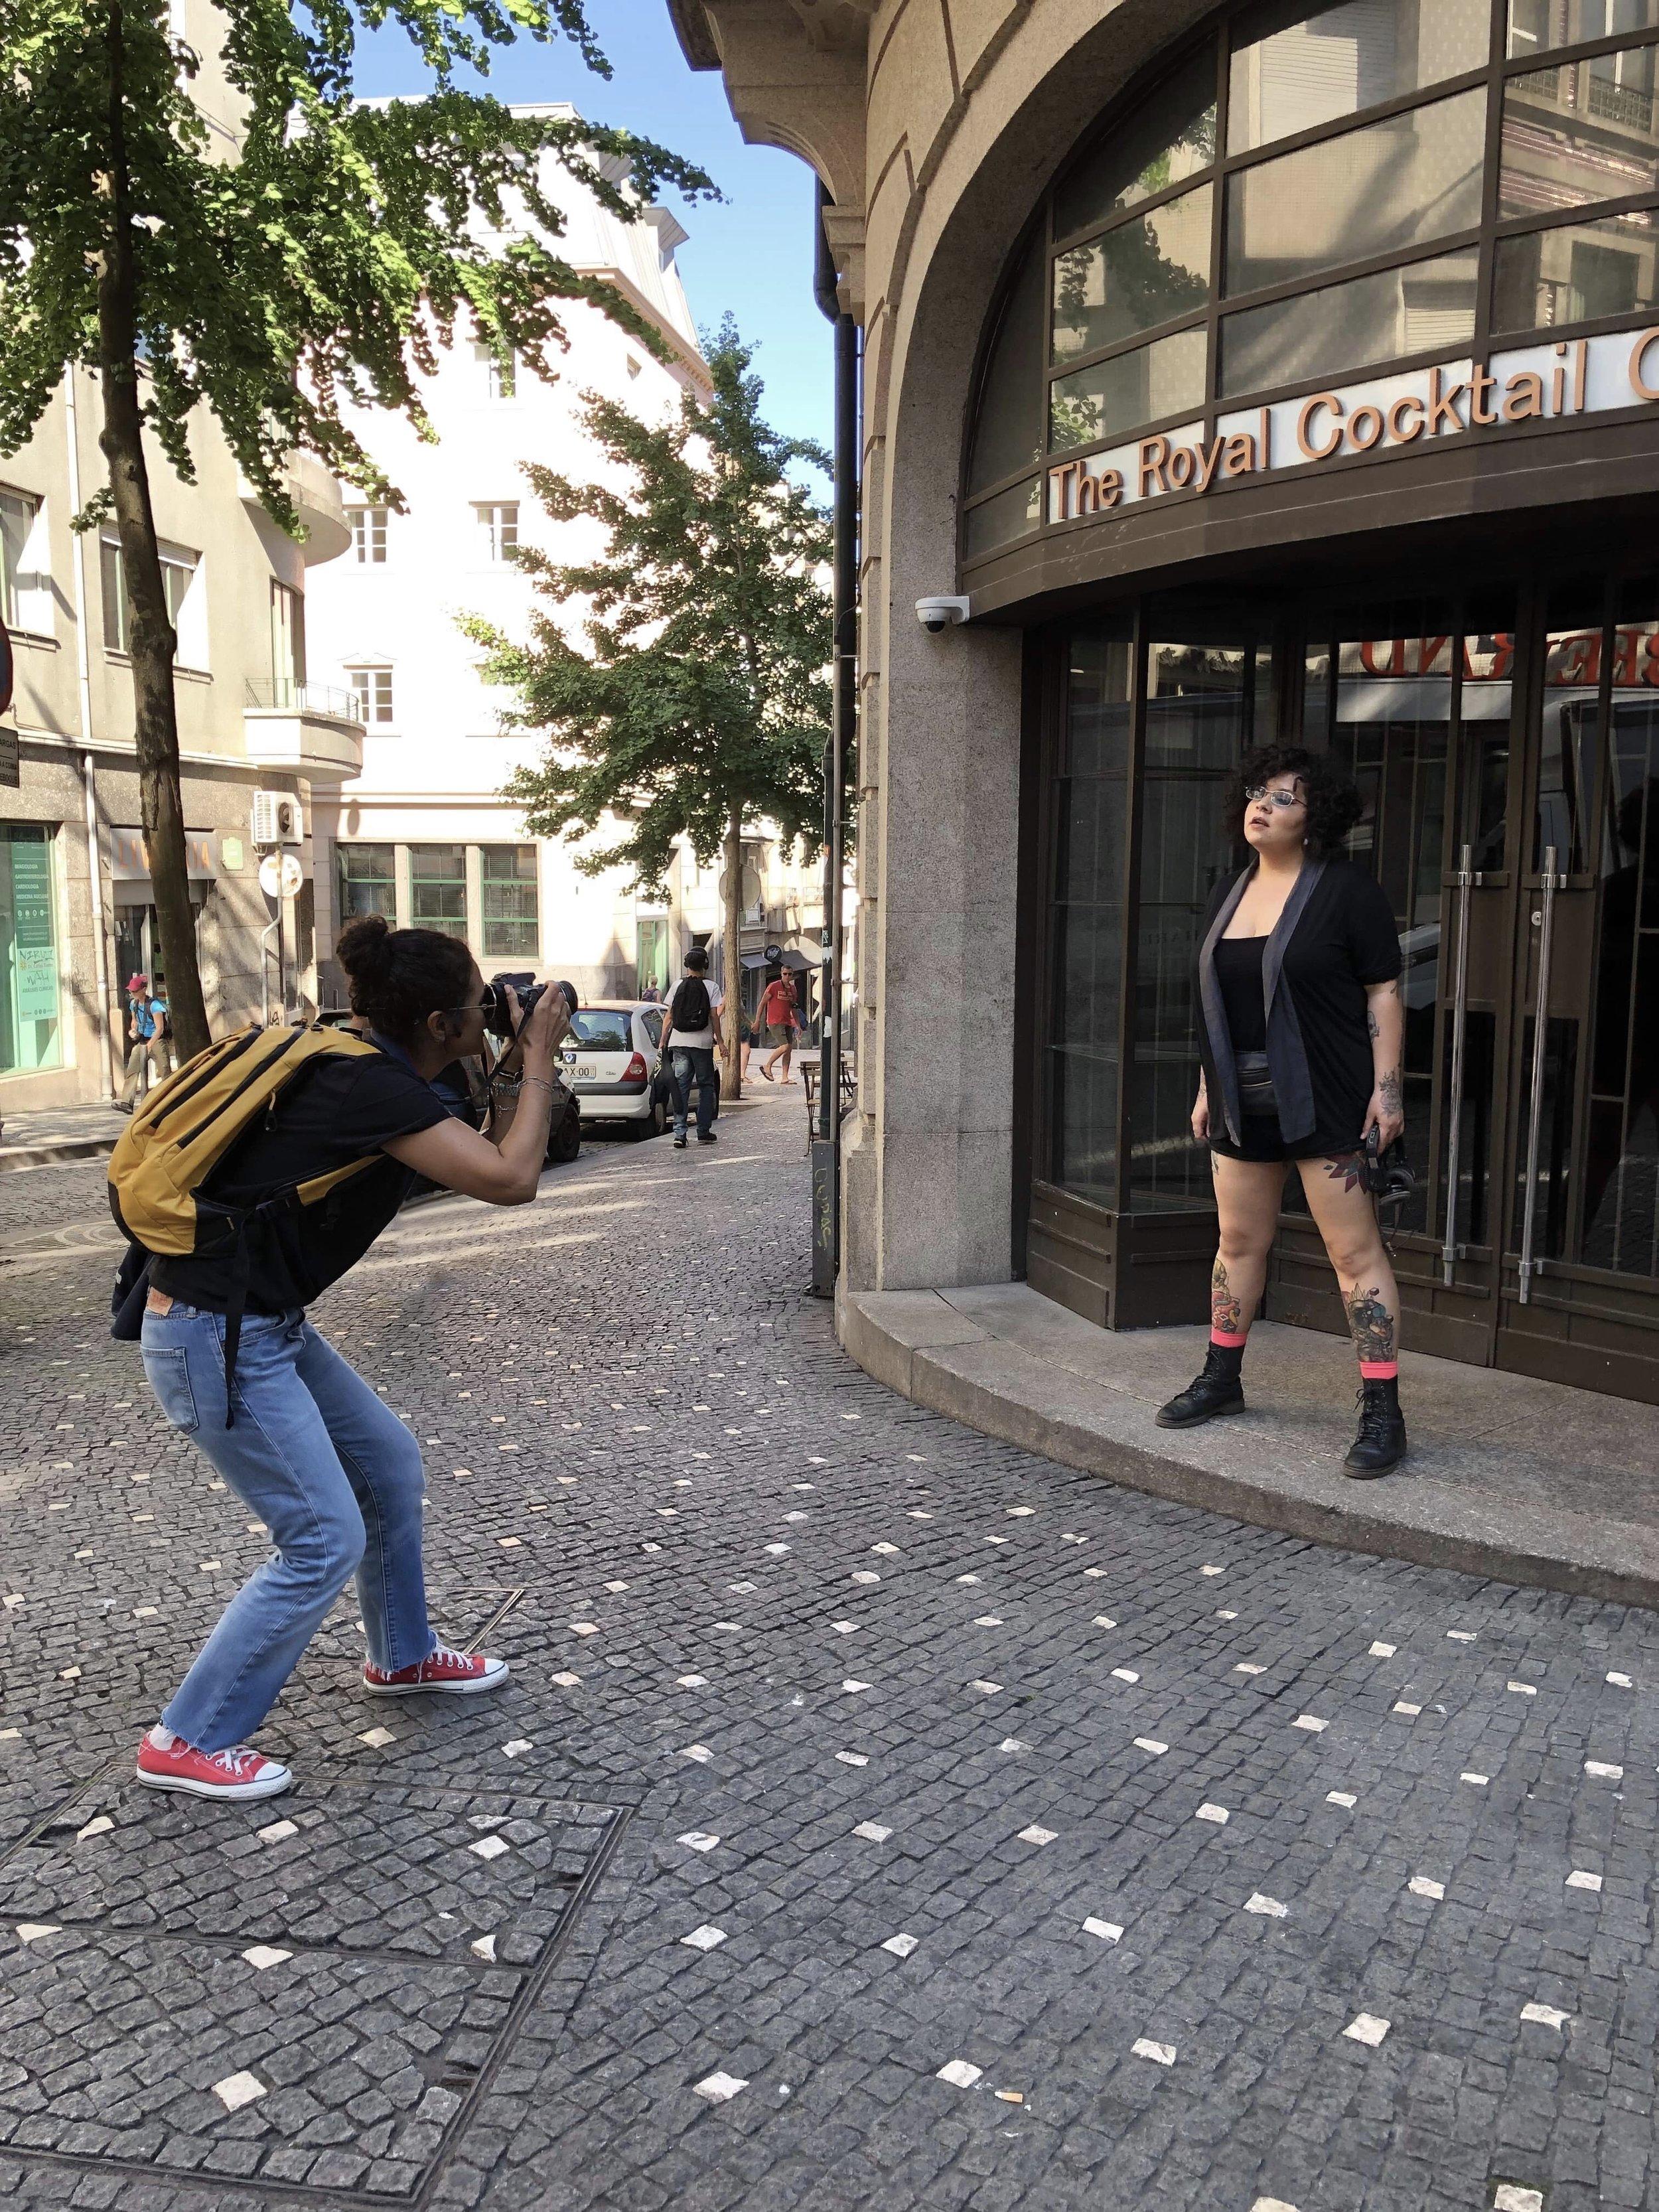 Nuestra fotógrafa  Cinda Miranda  en plena sesión fotográfica a  DJ Phephz , en una de las locaciones seleccionadas durante su recorrido por la ciudad histórica de Porto, en Portugal. DJ Phephz es de Salvador de Bahía, Brasil, y hace 7 meses llegó de viaje a esta ciudad, de la cual se enamoró, y decidió quedarse a vivir.